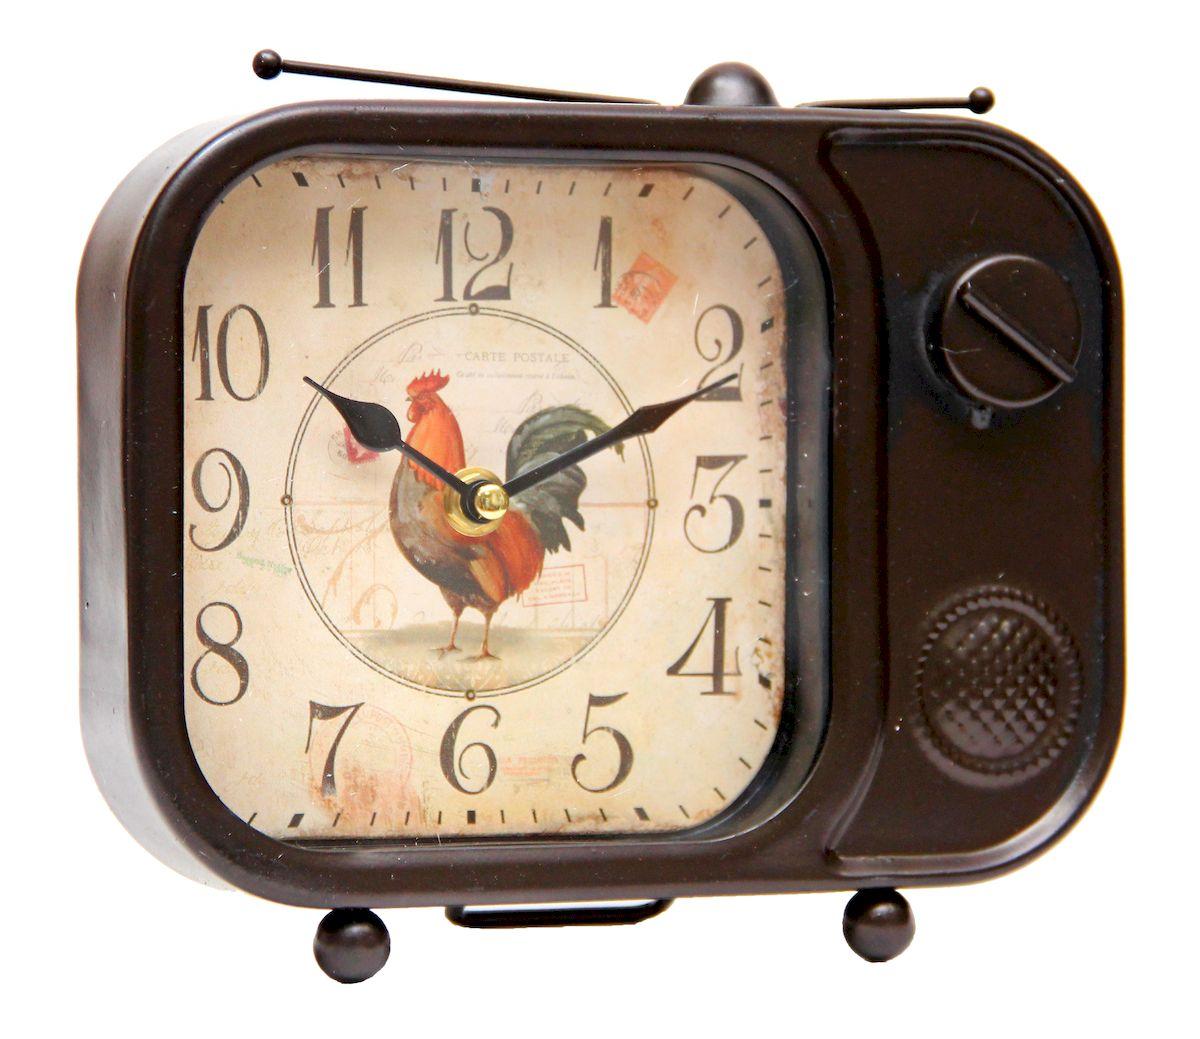 Часы настольные Magic Home Телевизор, кварцевые, цвет: коричневый41494Настольные кварцевые часы Magic Home Телевизор изготовлены из металла ,циферблат из металла с покрытием из принтованной бумаги. Настольные часы Magic Home Телевизор прекрасно оформят интерьер дома или рабочий стол вофисе. Часы работают от одной батарейки типа АА мощностью 1,5V (не входит в комплект).